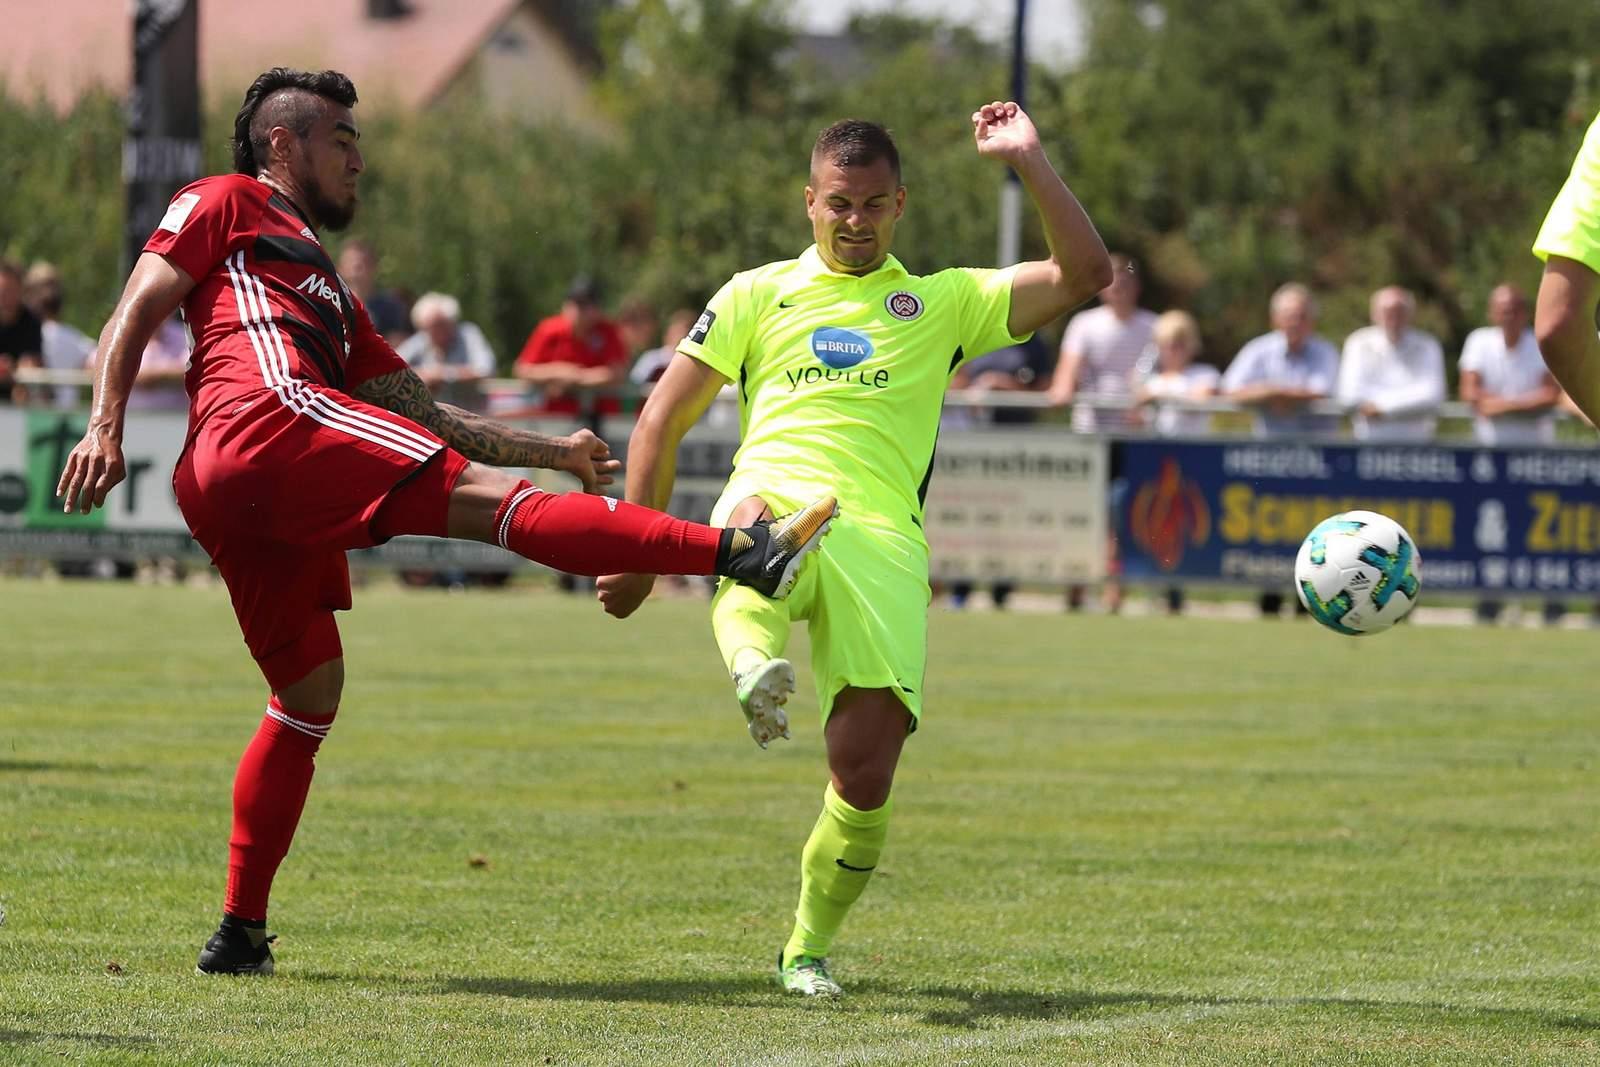 Dario Lezcano vom FC Ingolstadt gegen Sebastian Mrowca vom SV Wehen Wiesbaden.